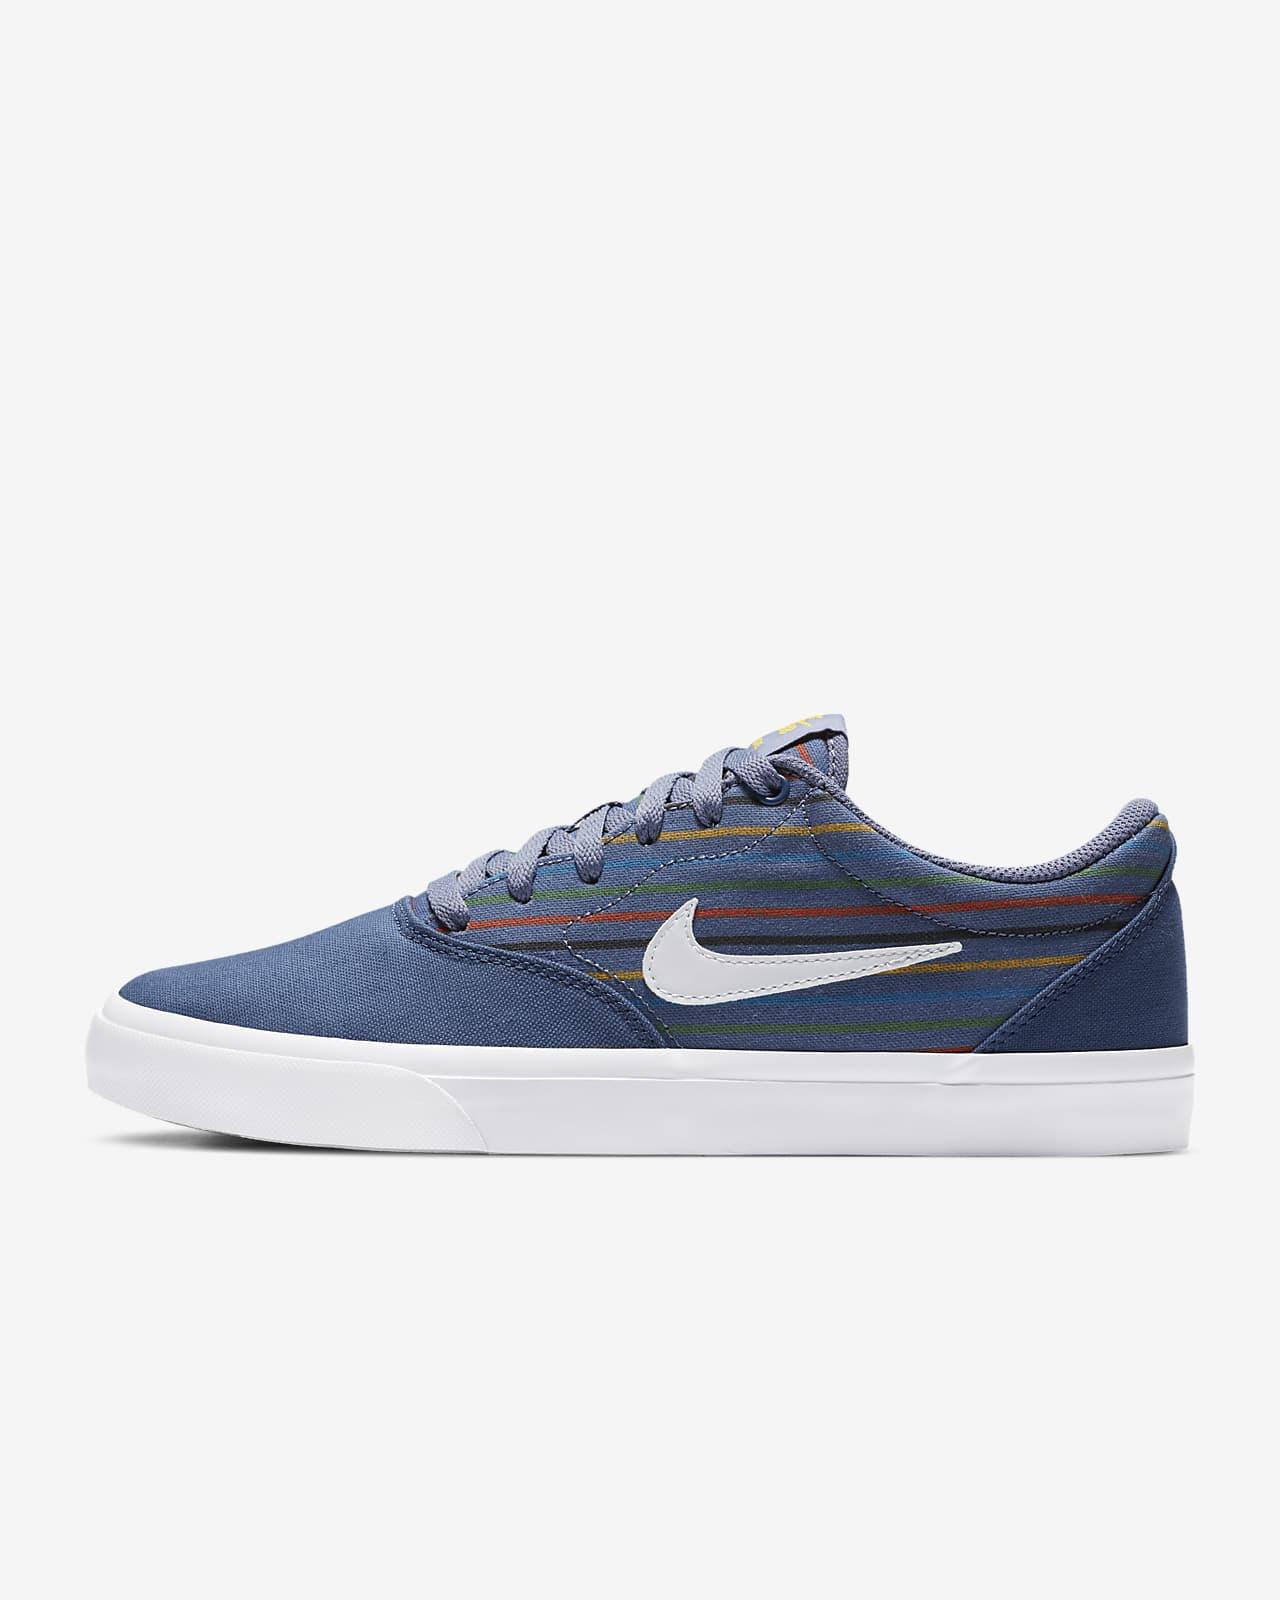 รองเท้าสเก็ตบอร์ด Nike SB Charge Canvas Premium